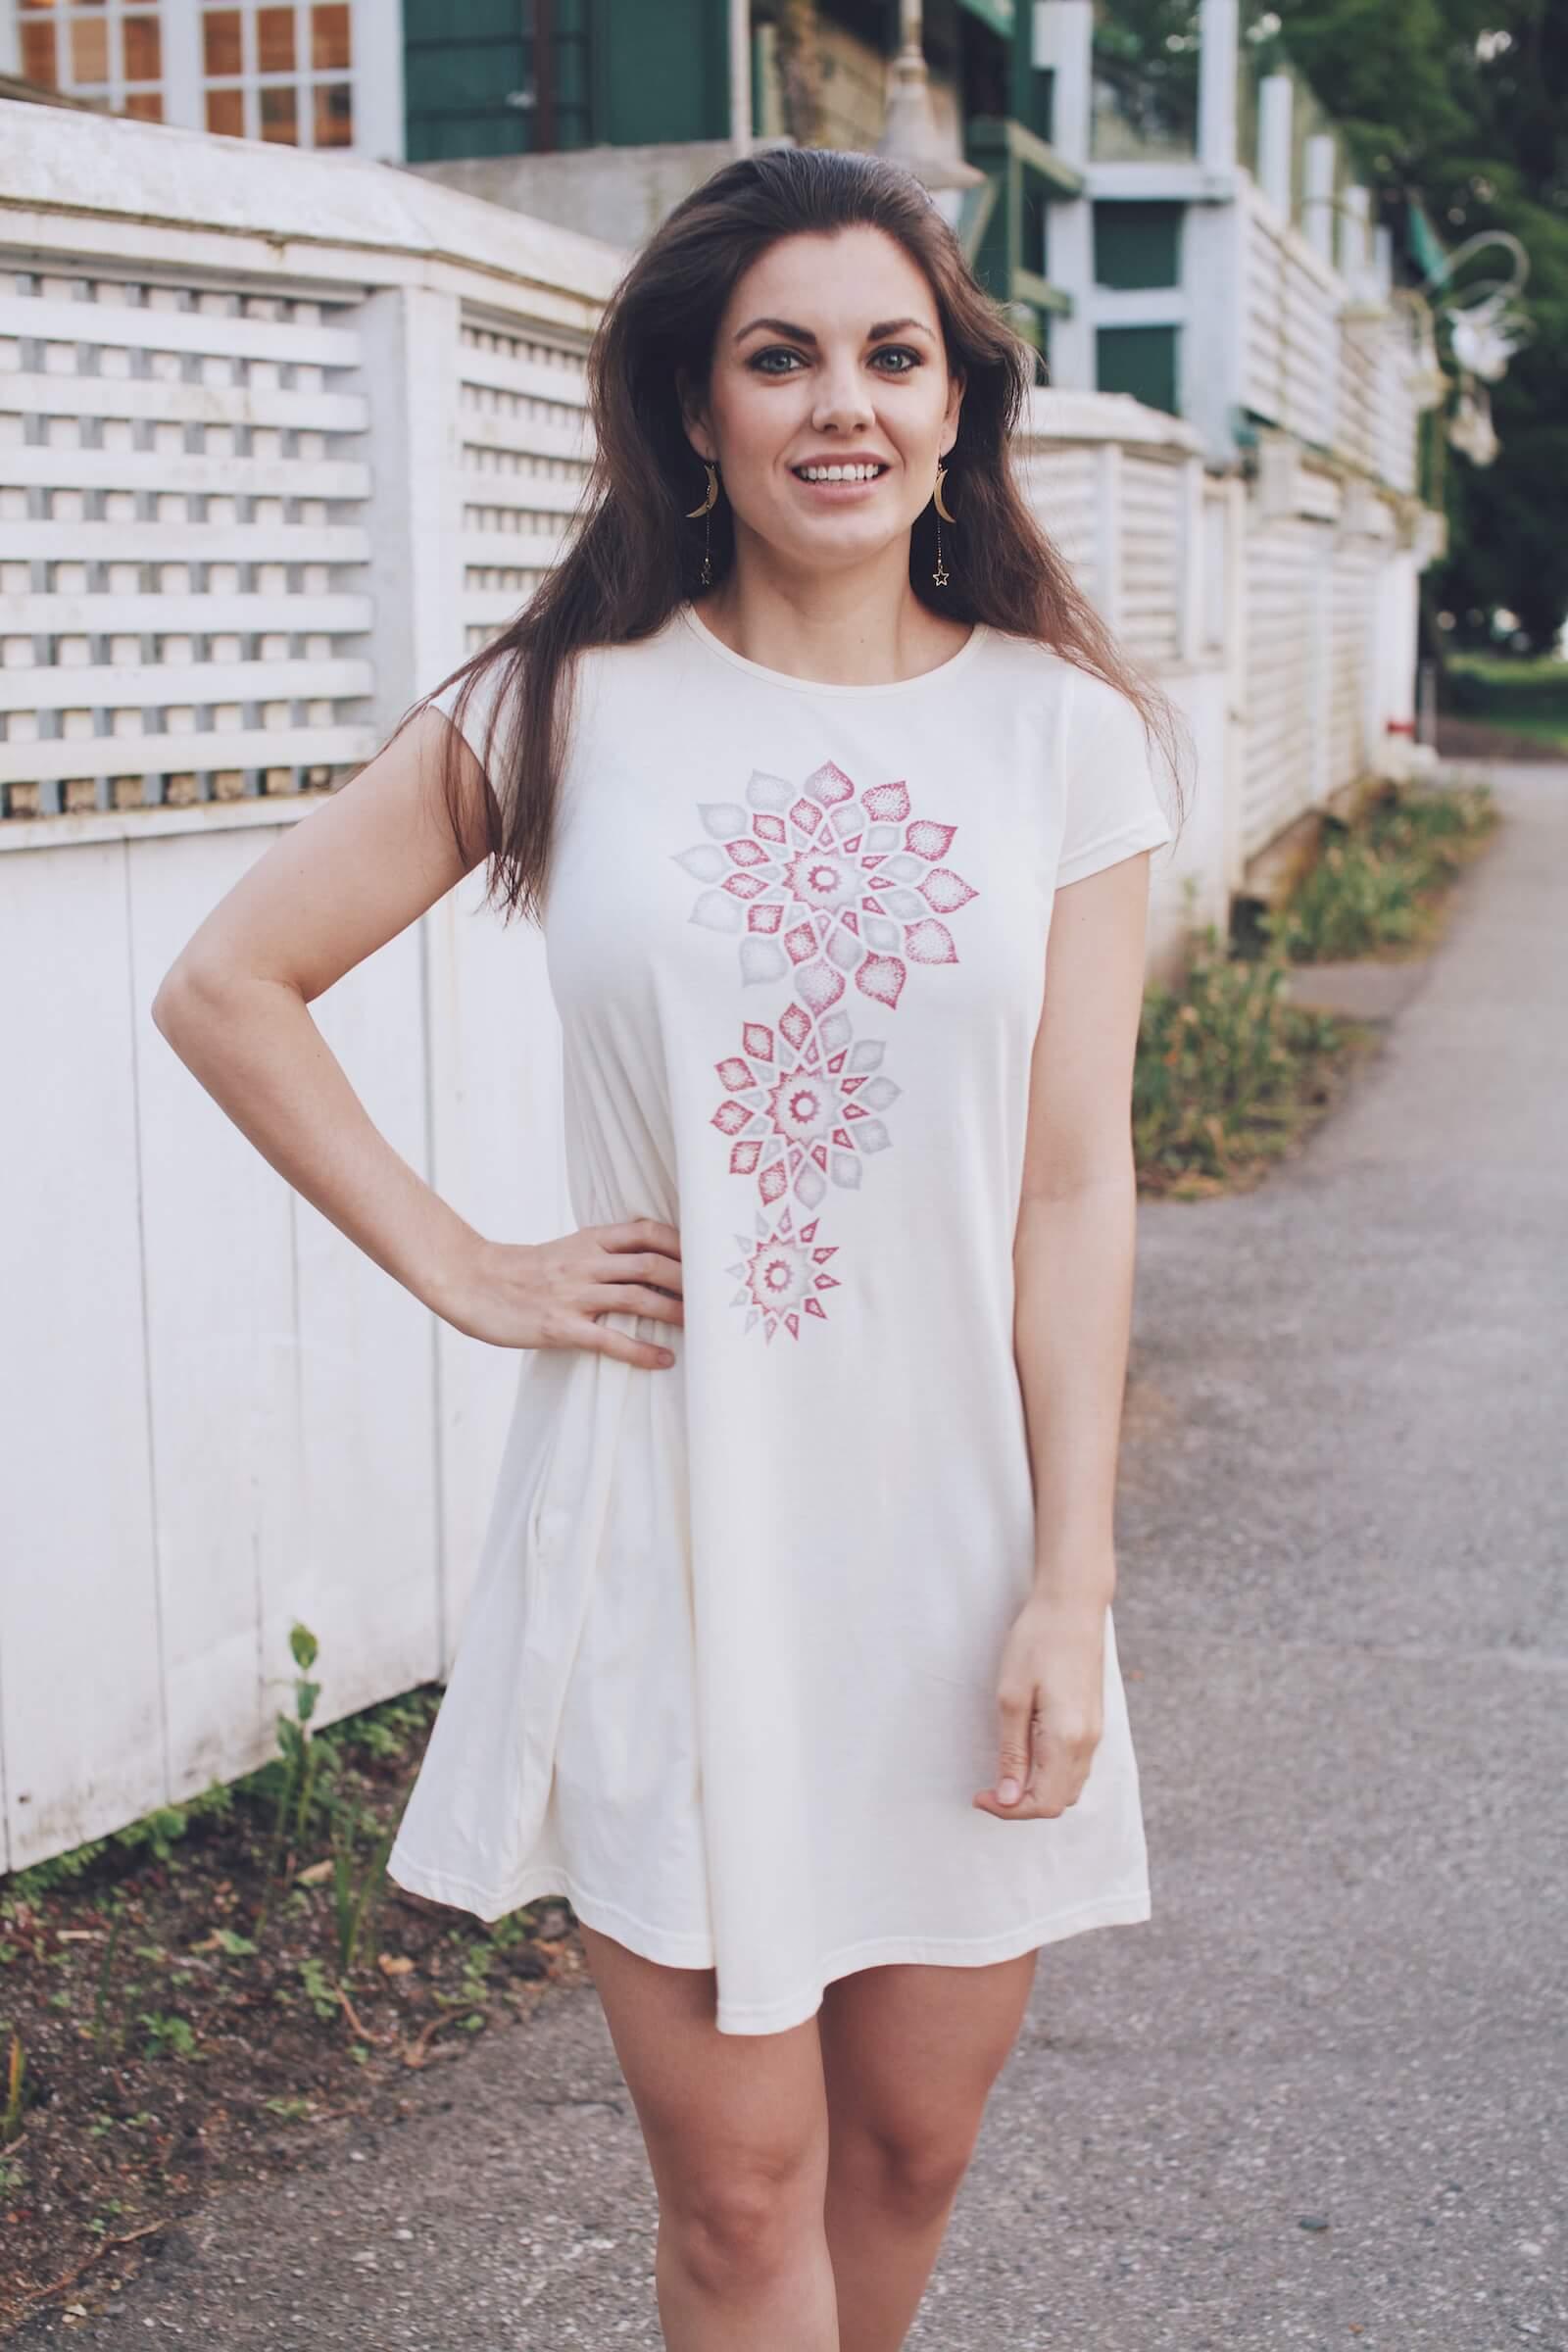 rachaels journal soul flower hippie style blog post dress - Best T Shirt Dress for Summer